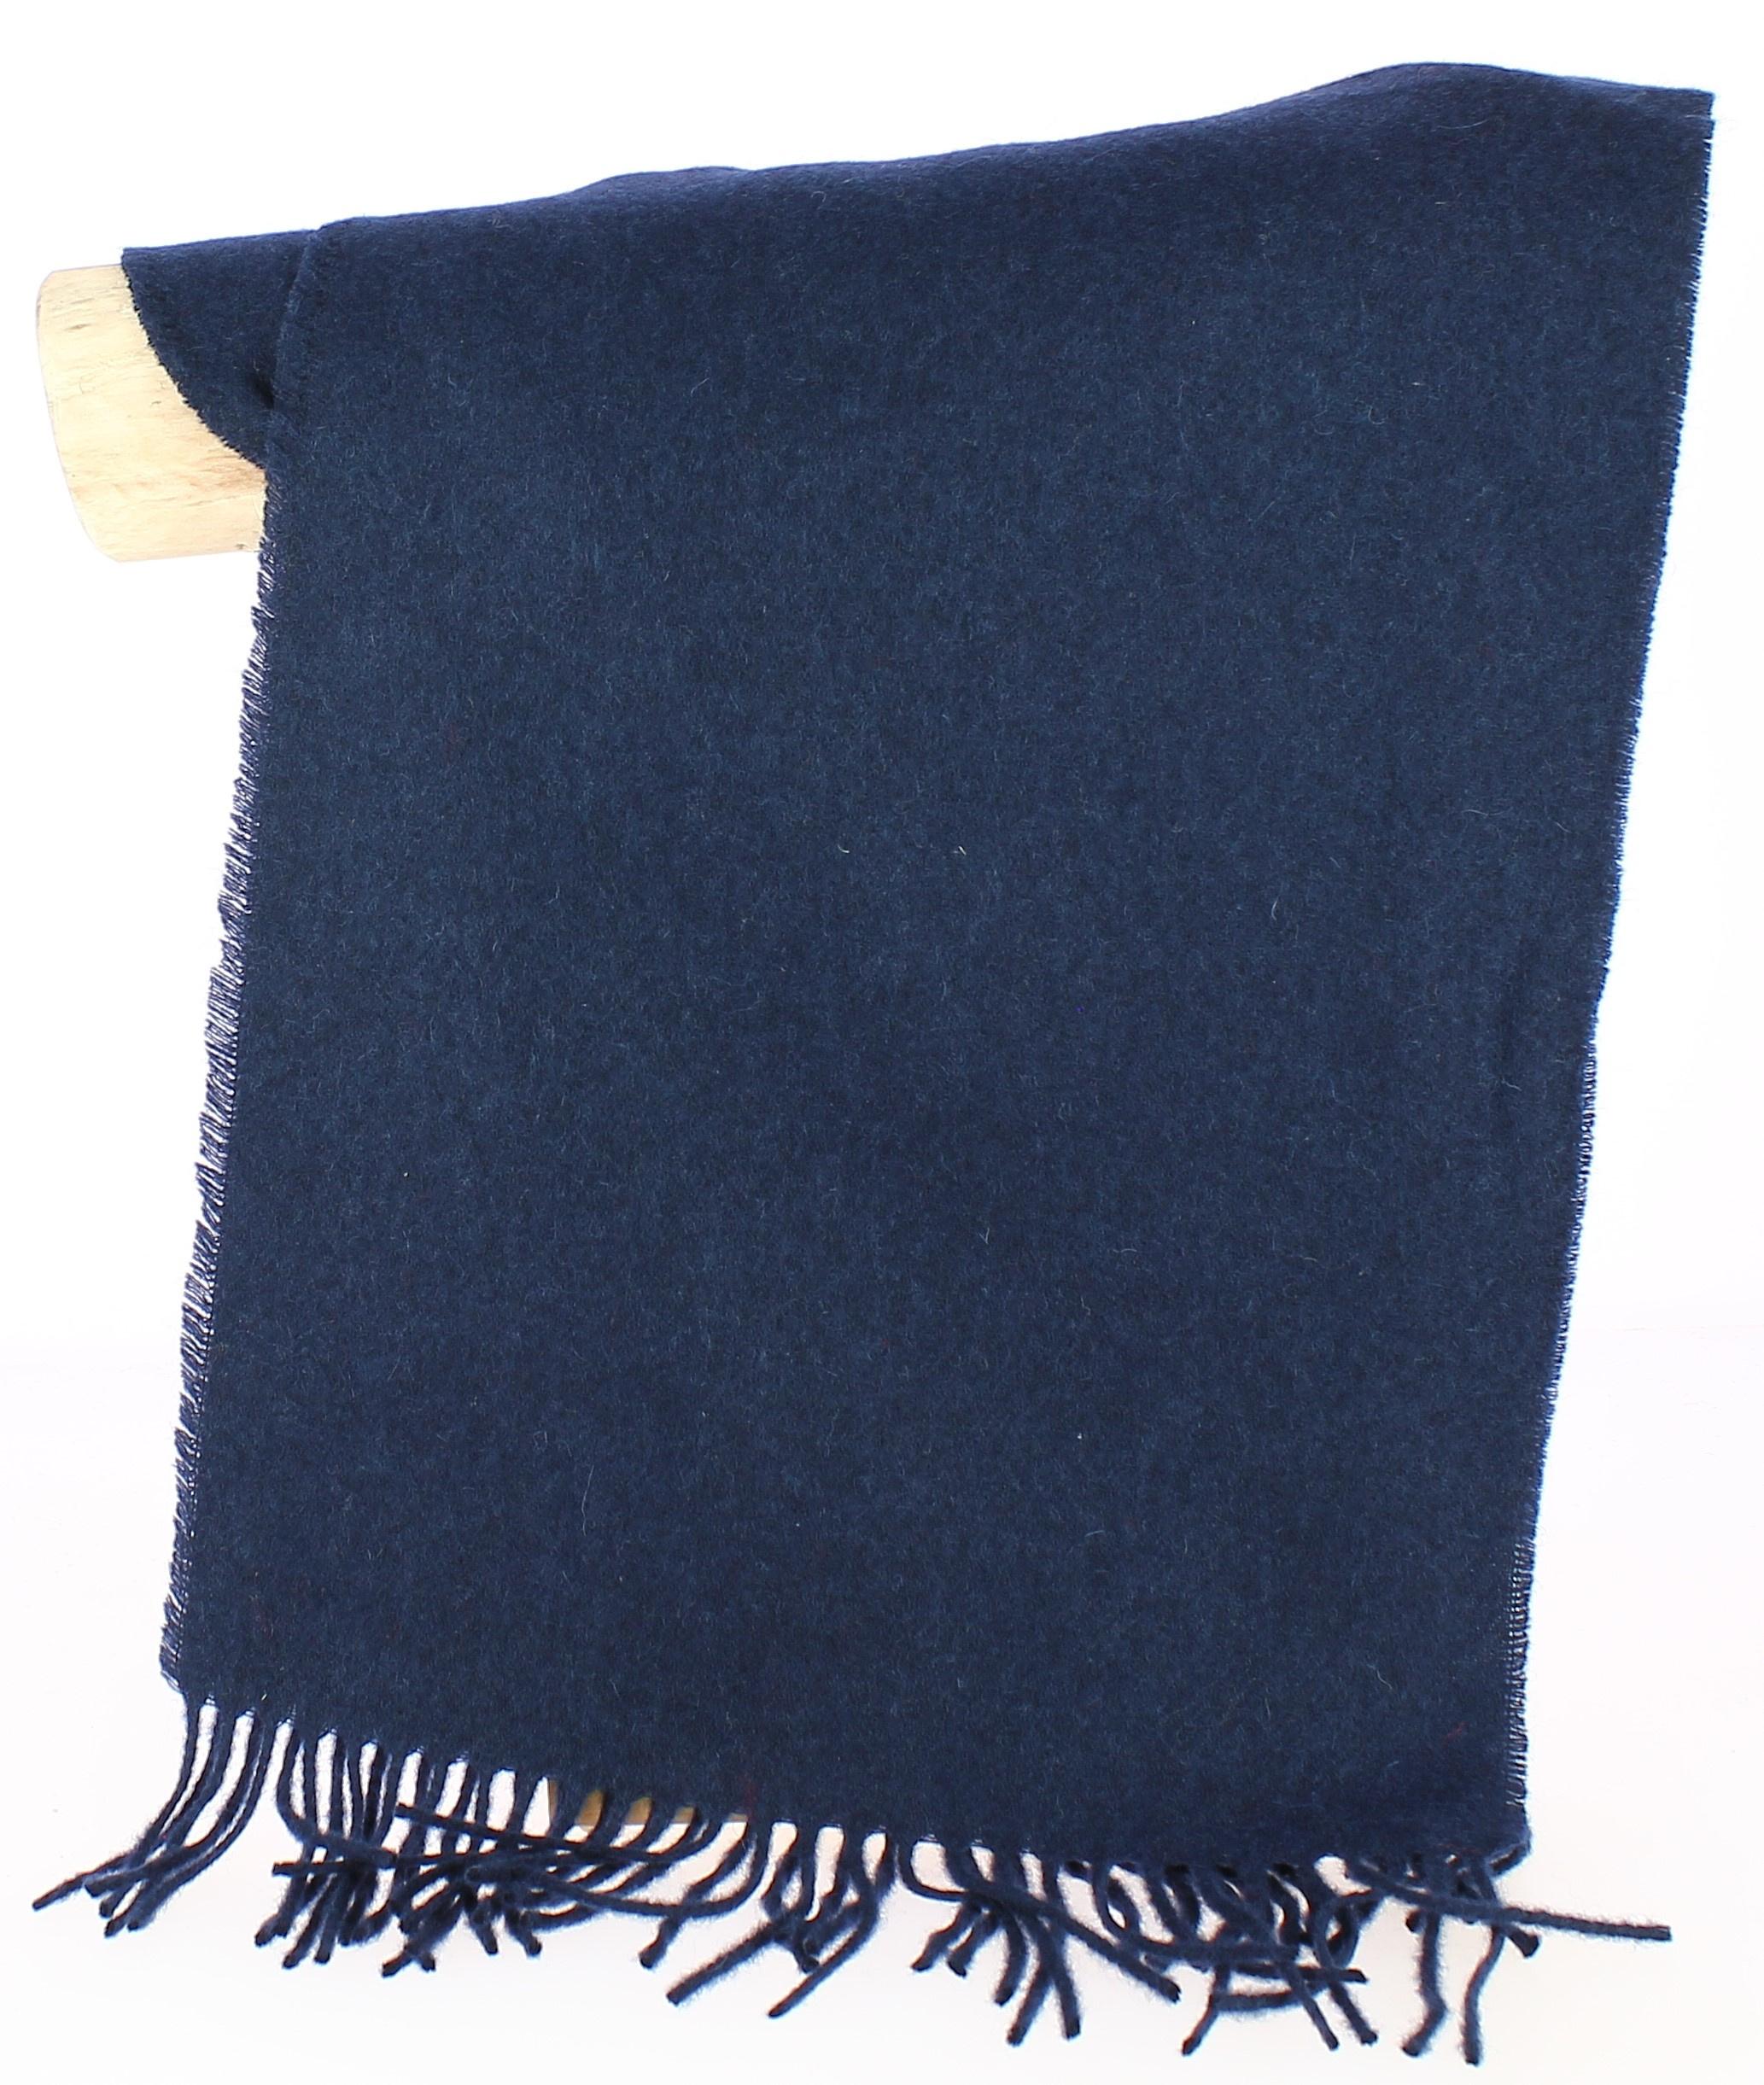 2b681f97b36 https   www.chapellerie-traclet.com fr bonnet 3202-bonnet-a-pompon ...